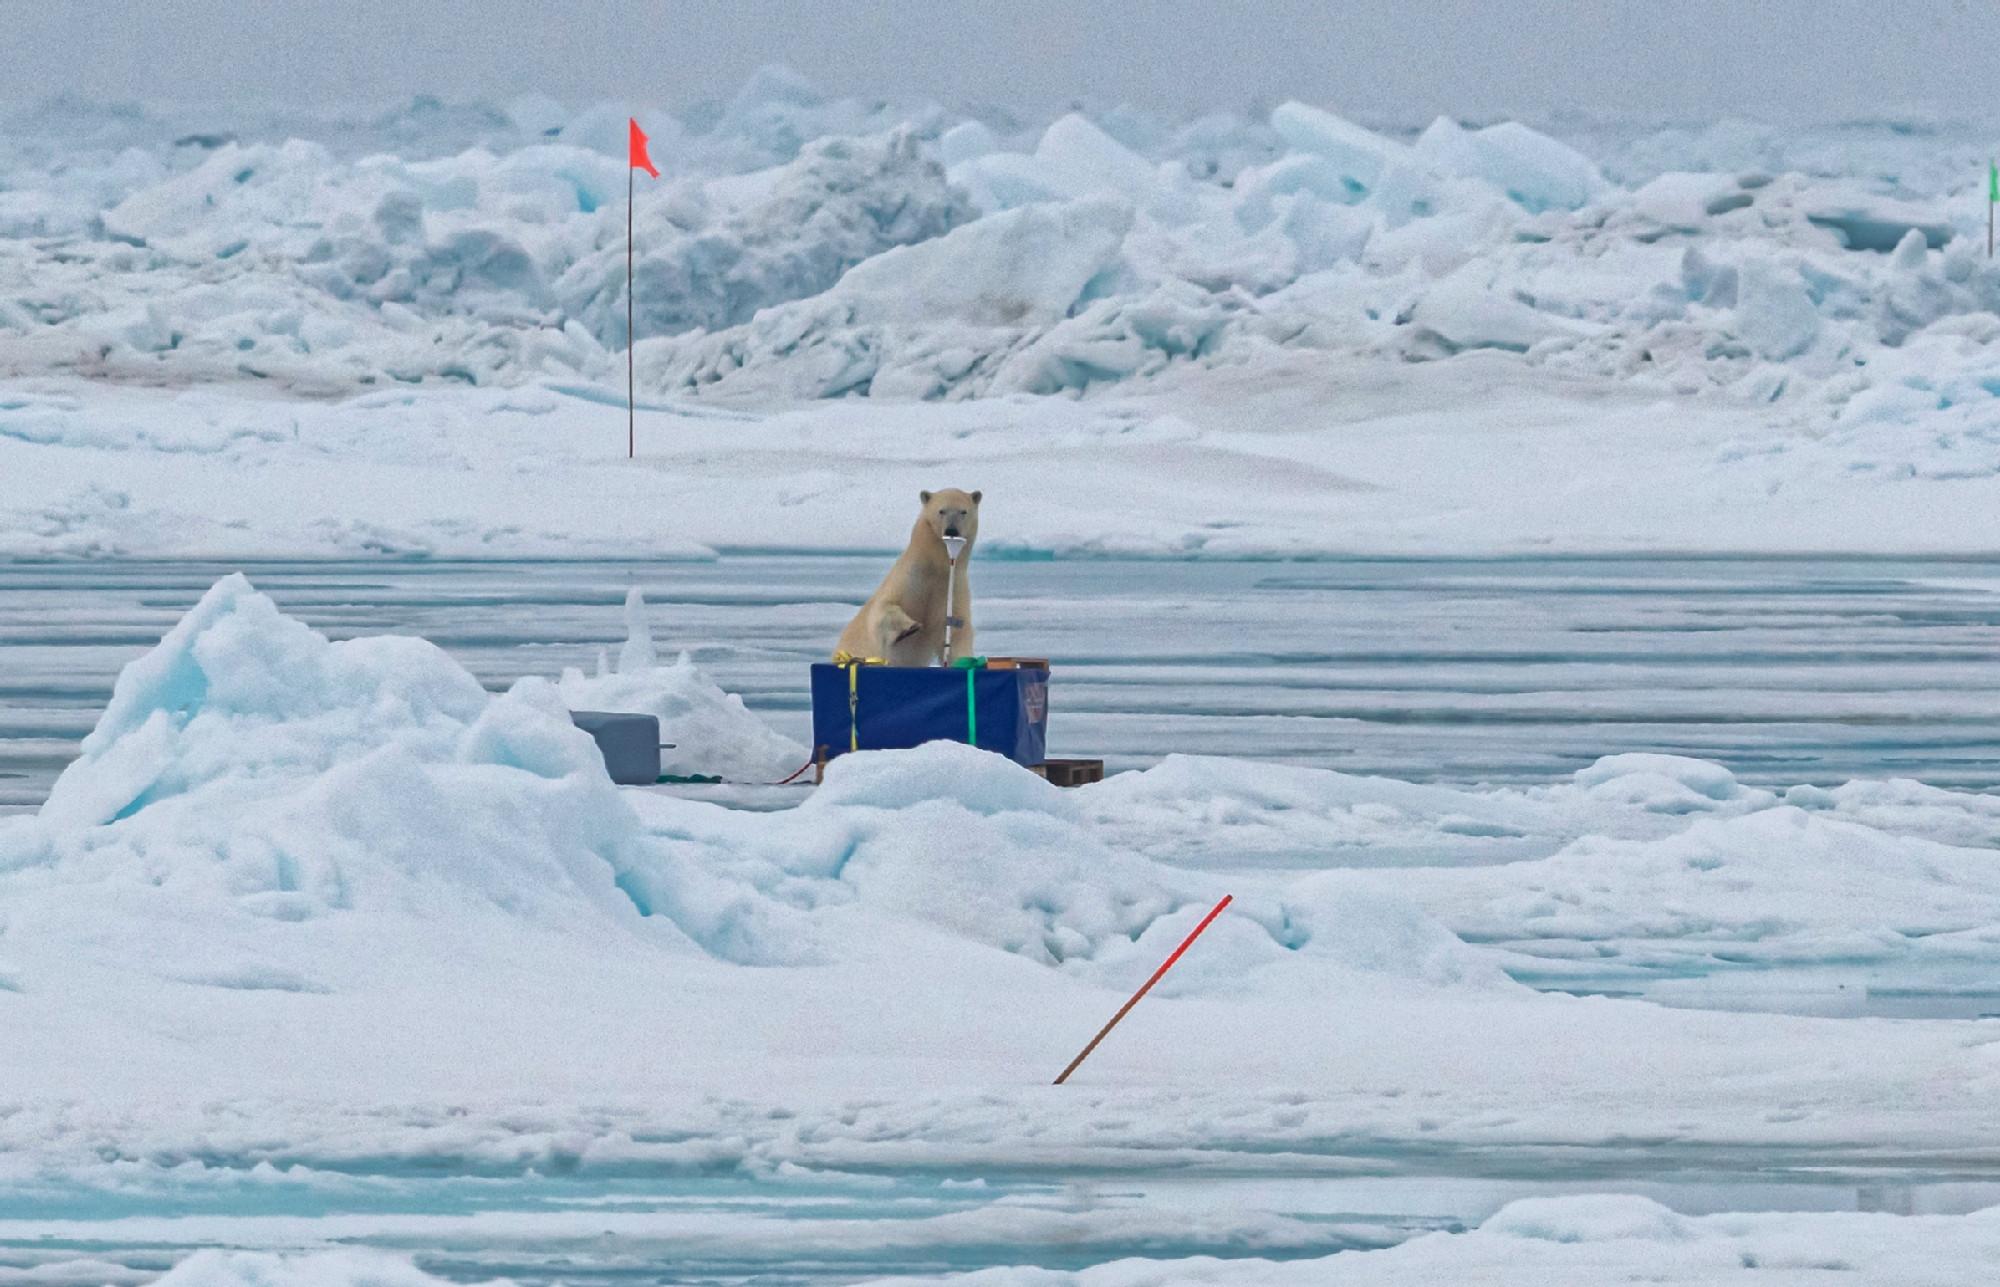 Eisbär-Besuche sind keine Seltenheit. Umso wichtiger ist die Wache auf der Brücke, um das größte Raubtier der Arktis rechtzeitig zu entdecken. Foto: Lianna Nixon, University of Colorado